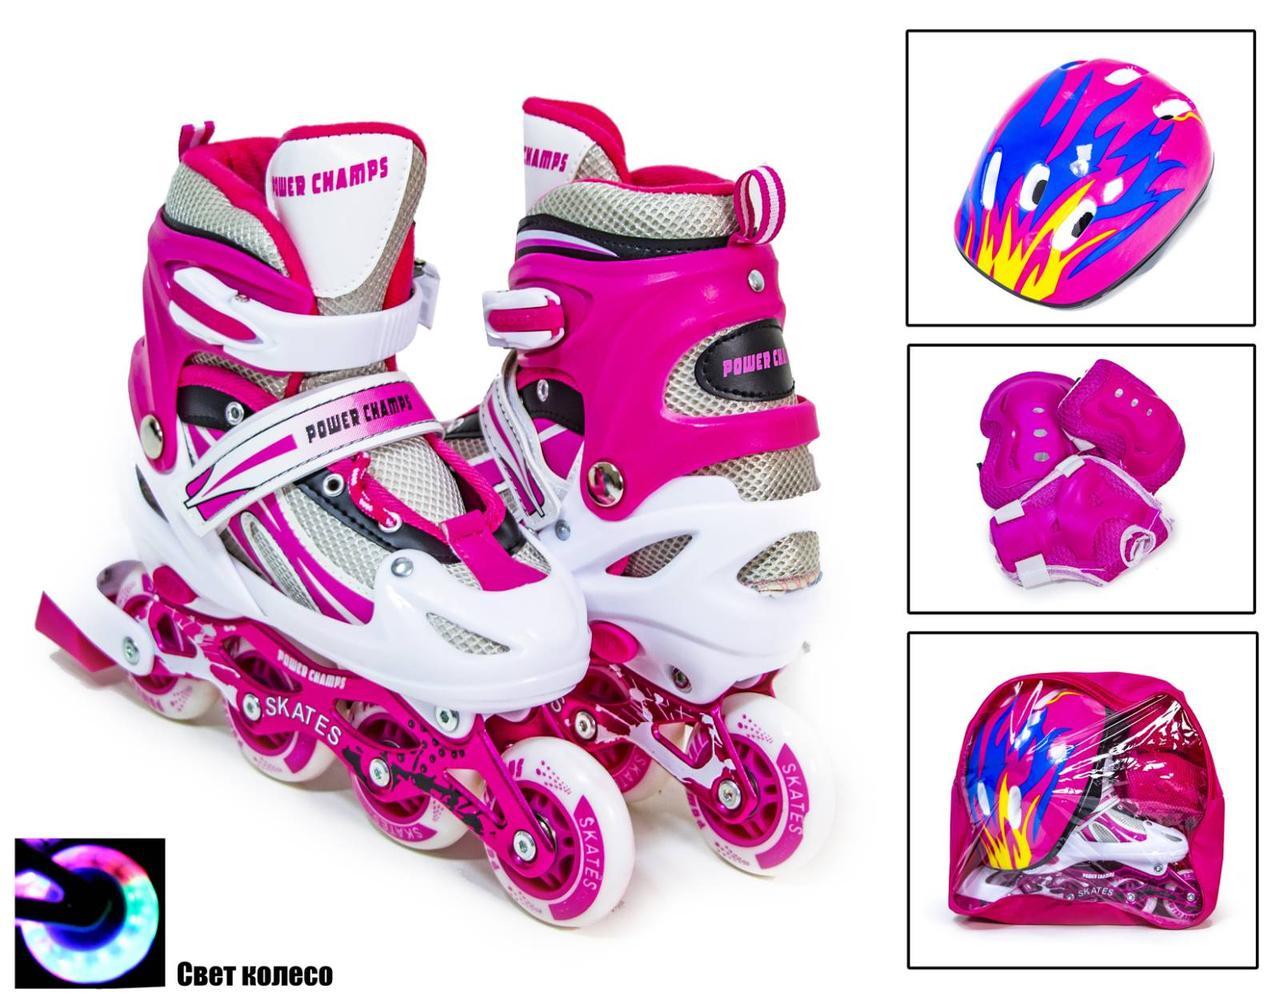 """Комплект роликов  """"Power Champs"""" с защитой и шлемом, Нежно Розового цвета, размеры 29-33, 34-38"""